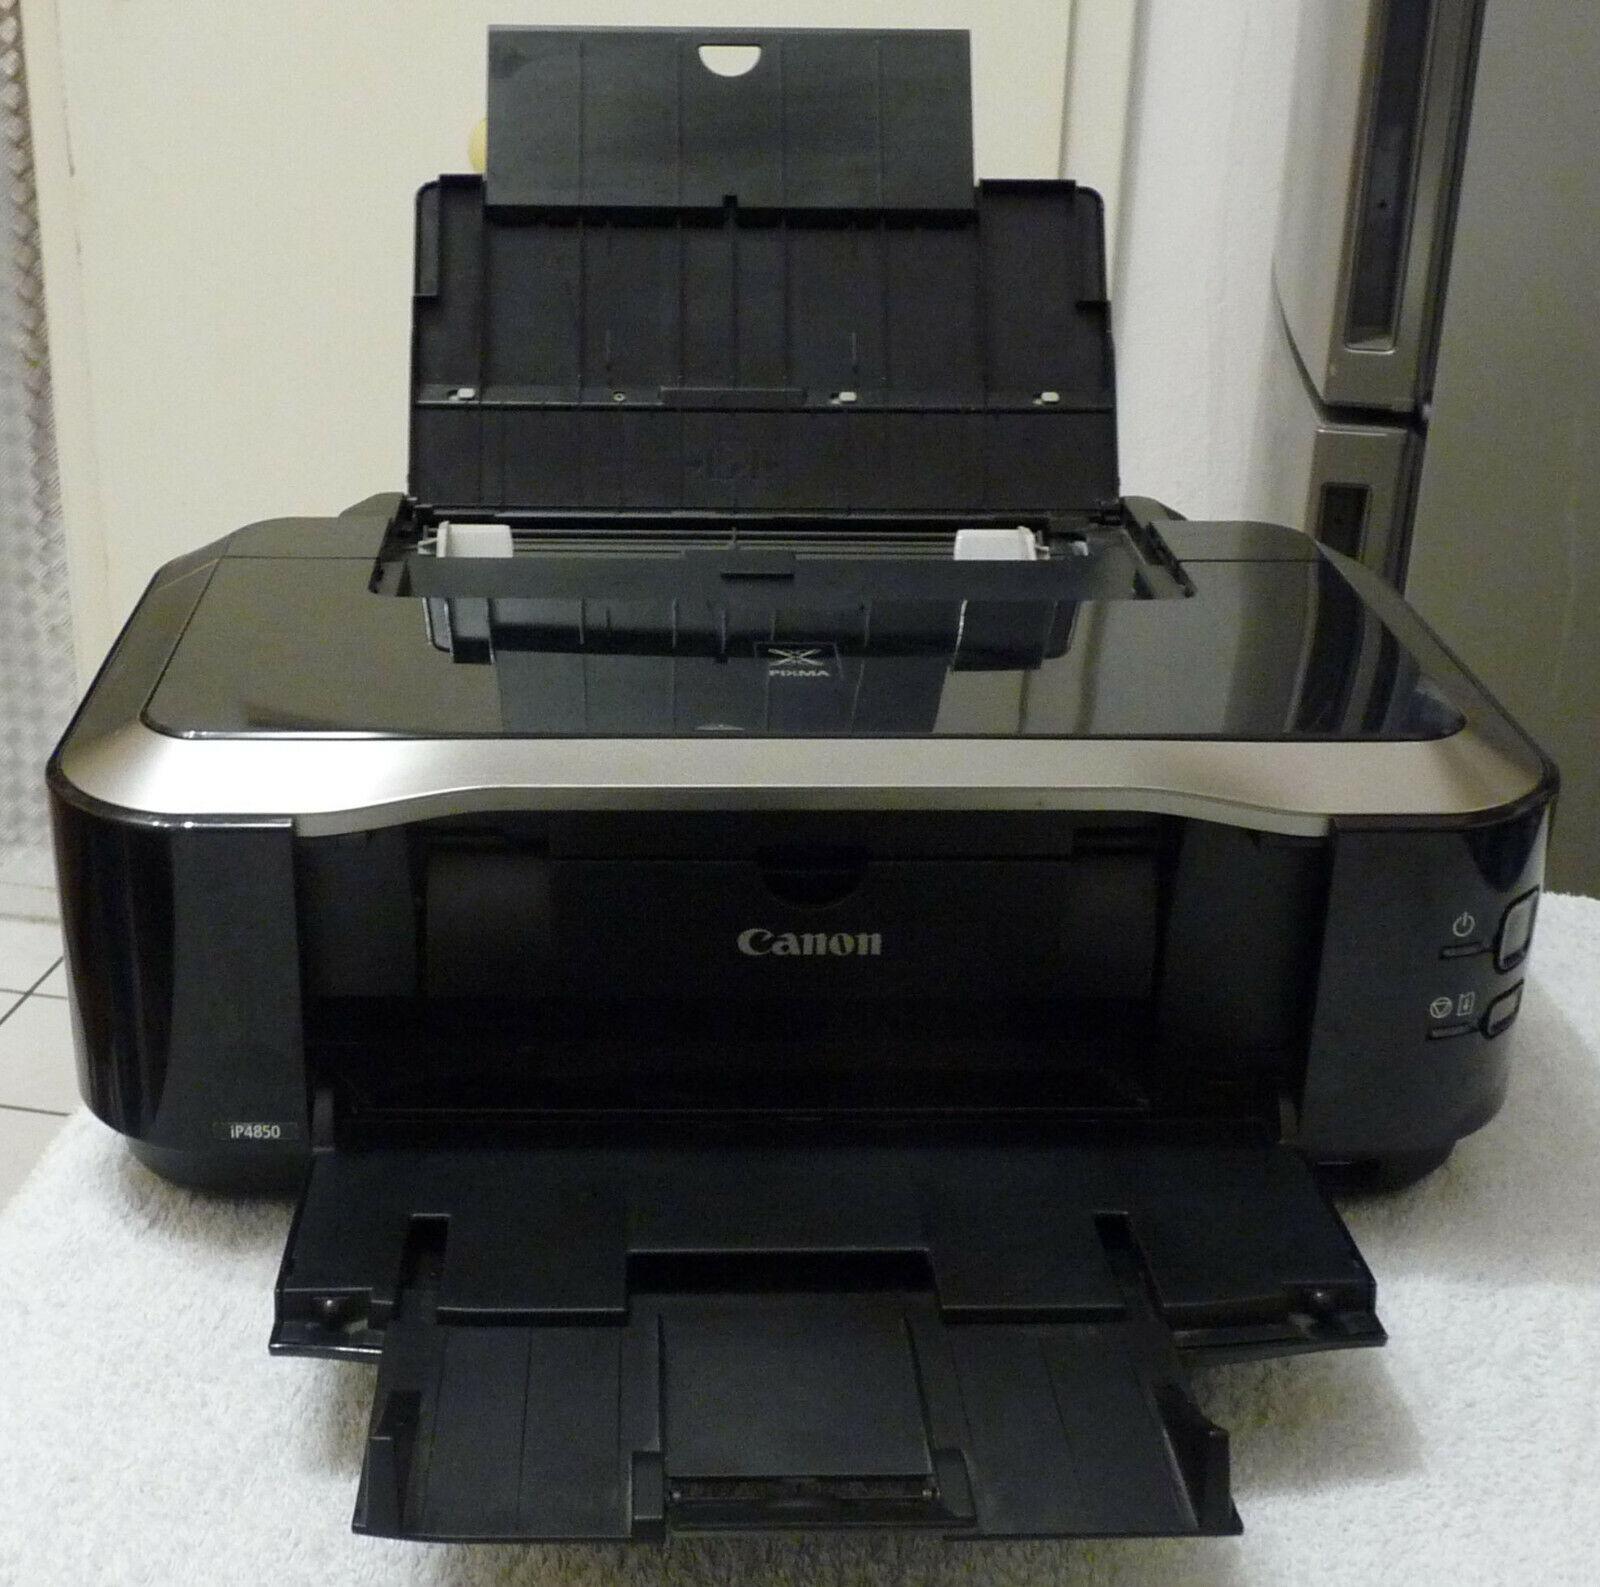 Tintenstrahl-Drucker Canon iP4850 gebraucht OHNE Druckkopf RG mit U-Steuer